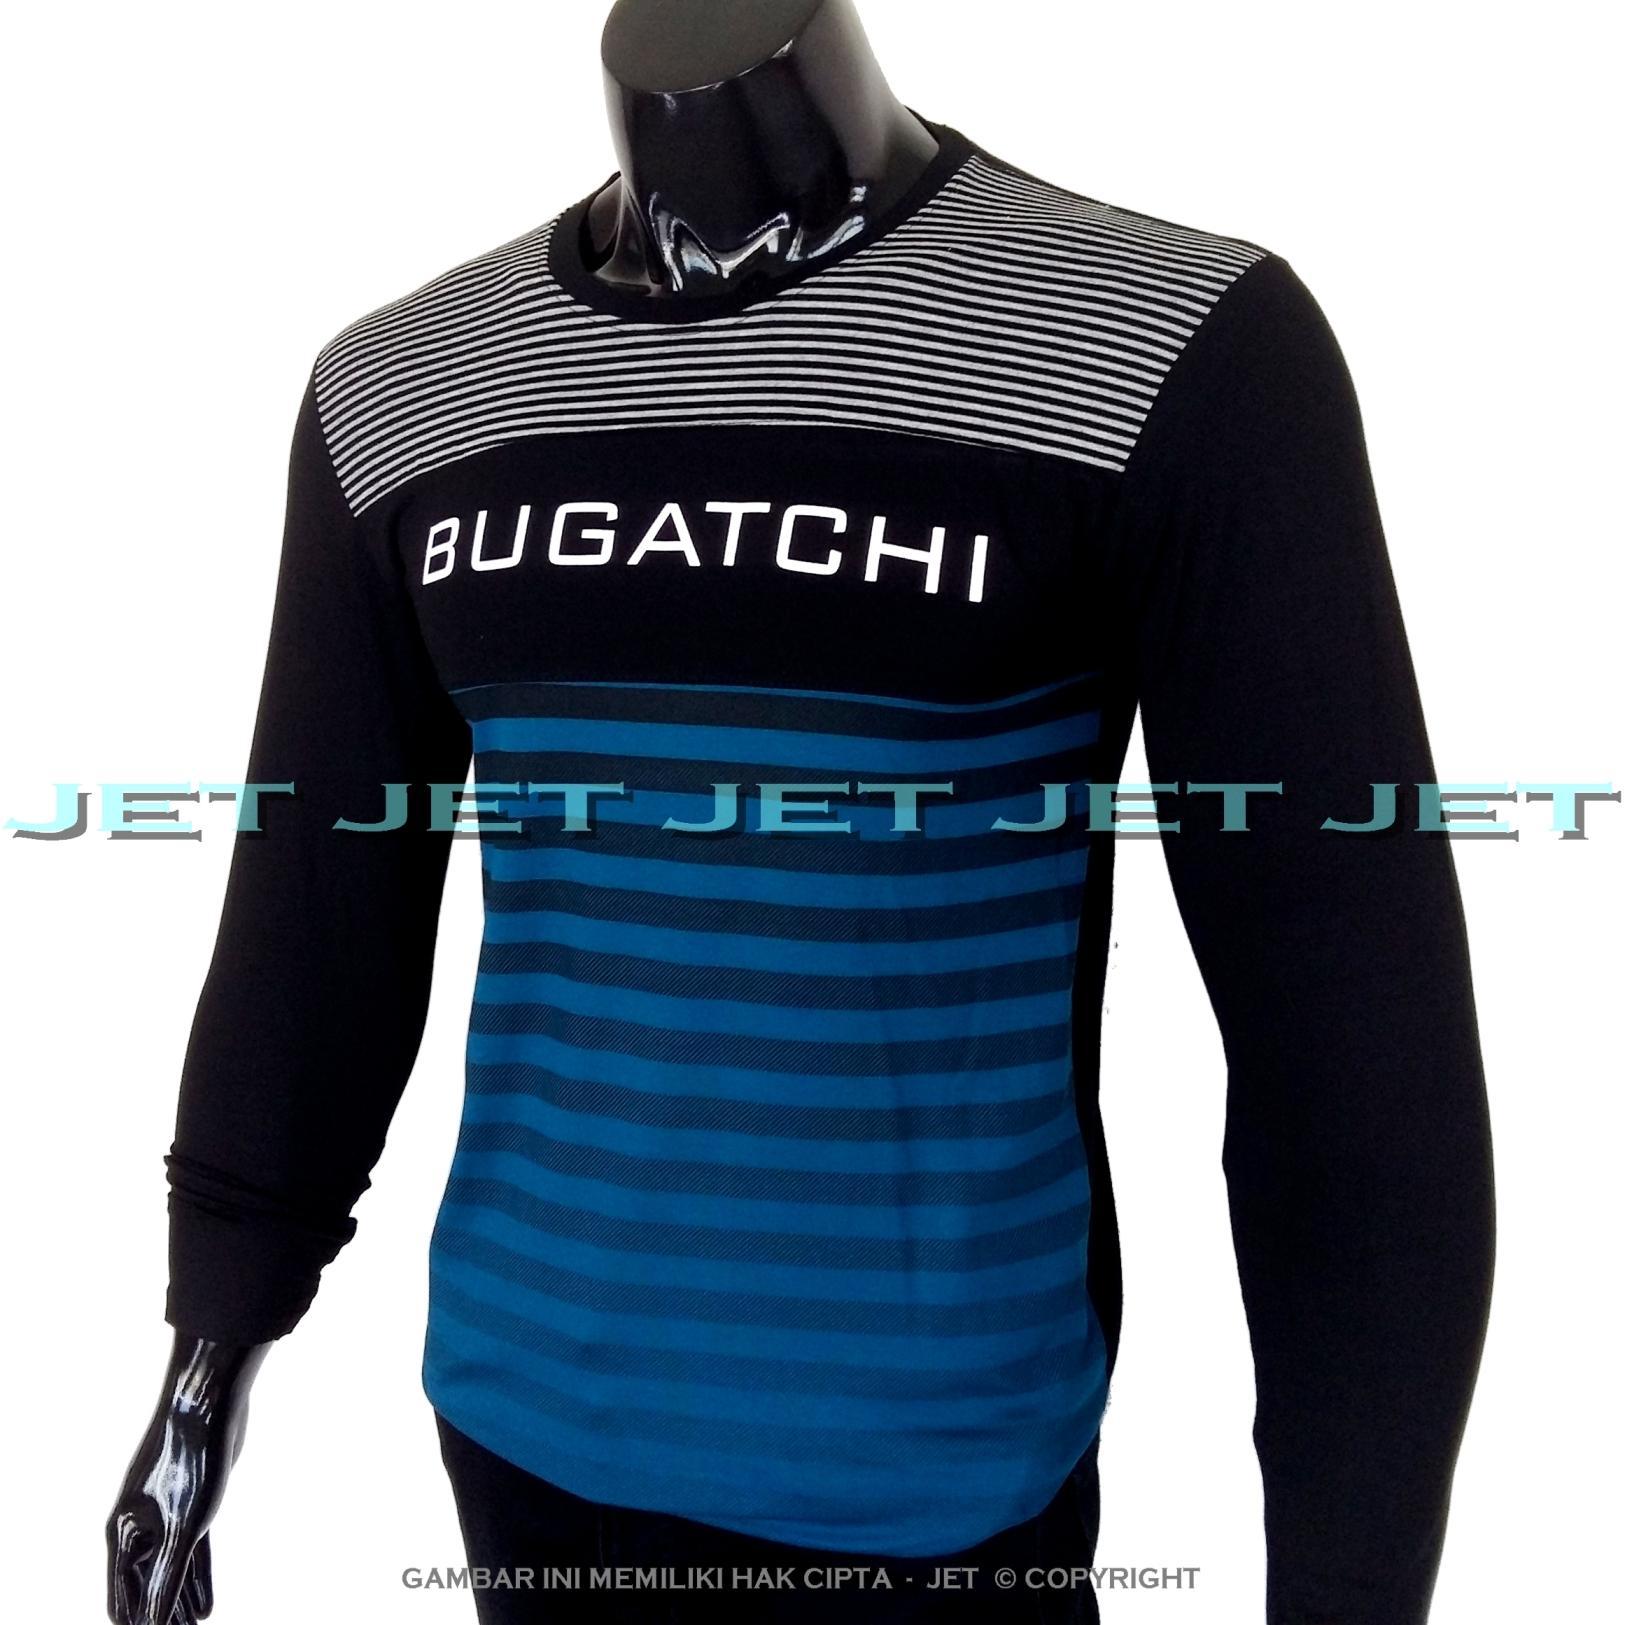 JET - Kaos Distro BUGATCHI Lengan Panjang Soft Rayon Viscose Blended Lycra Size M Fit To L Pria / Wanita Garis Salur Motif Visual Art